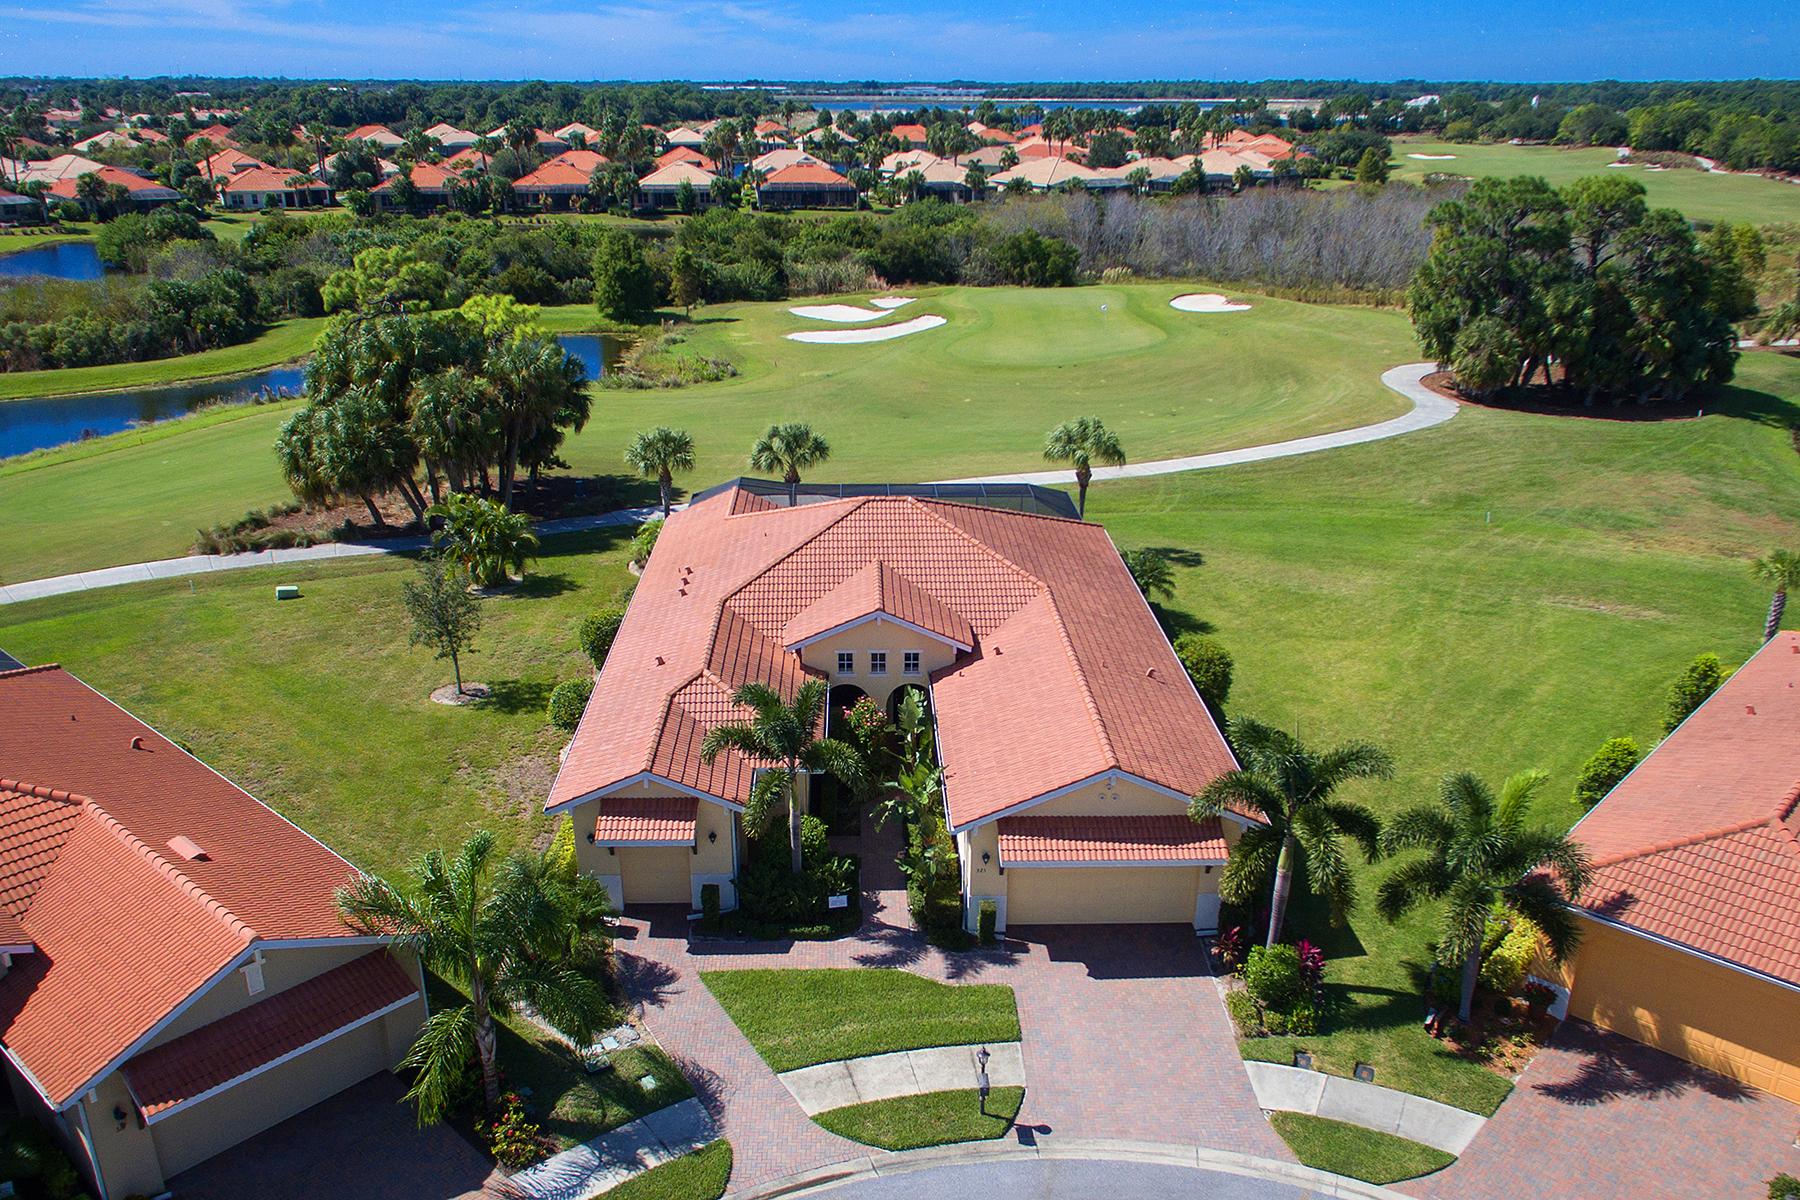 Nhà ở một gia đình vì Bán tại VENETIAN GOLF & RIVER CLUB 325 Martellago Dr North Venice, Florida, 34275 Hoa Kỳ